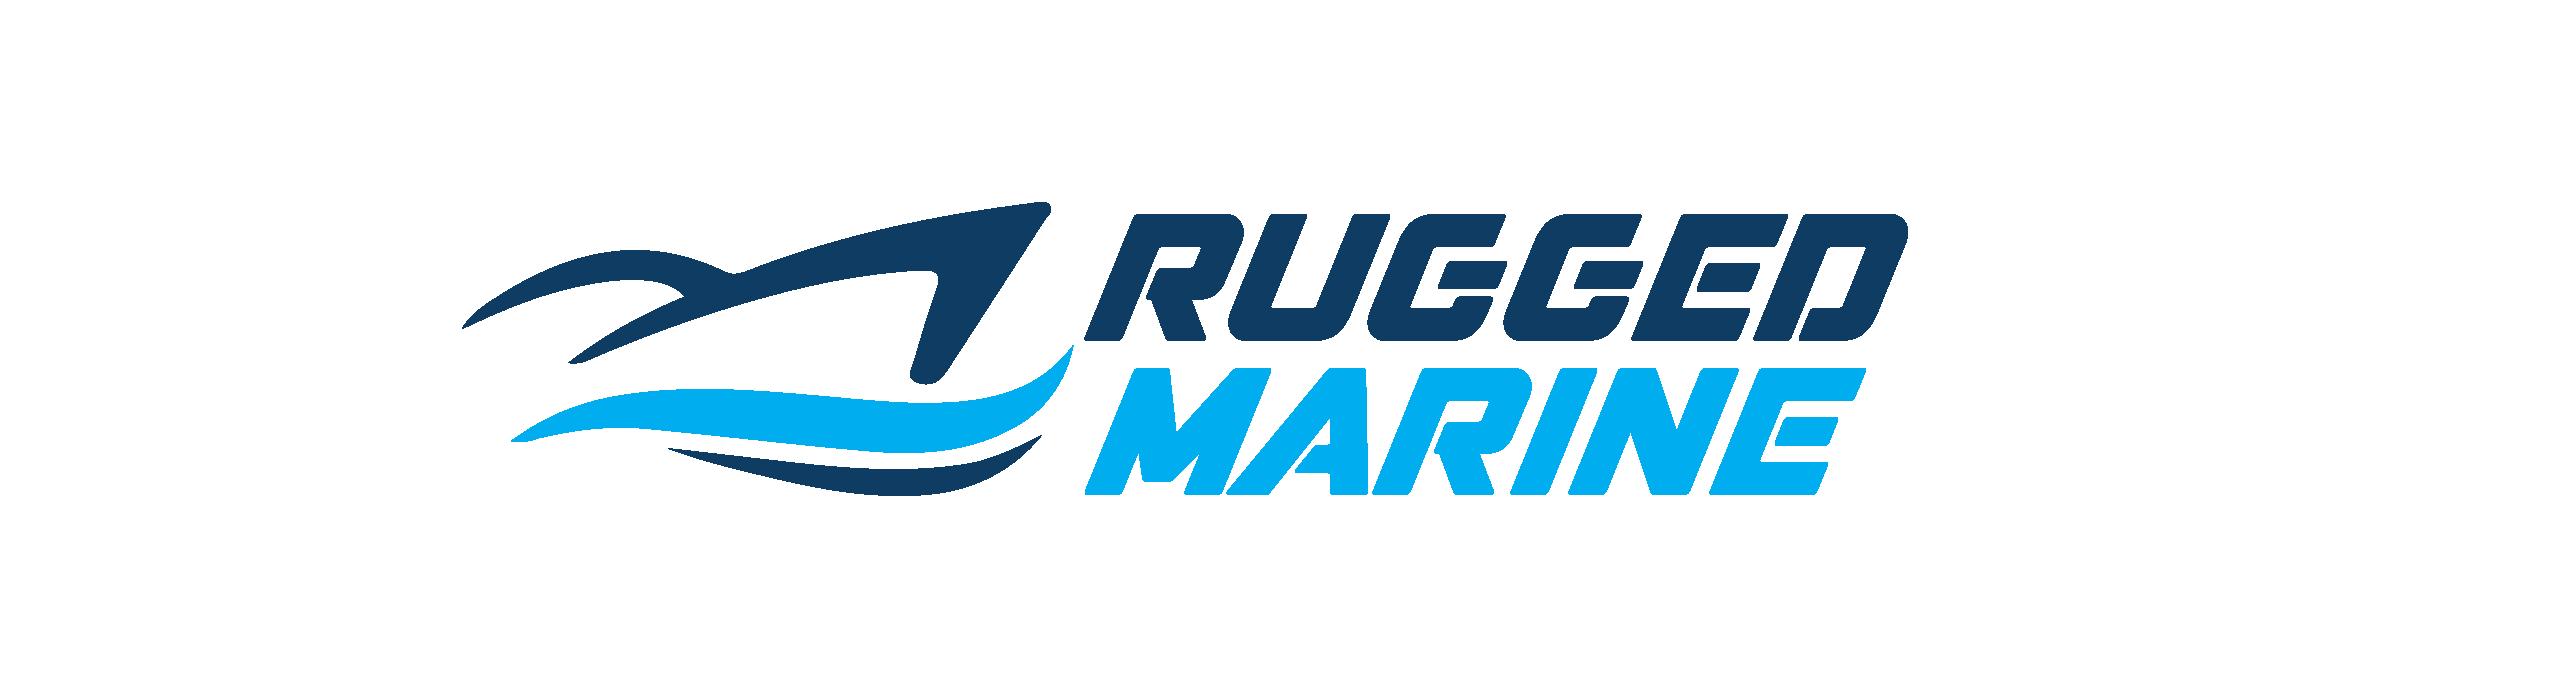 Marine Camera Systems